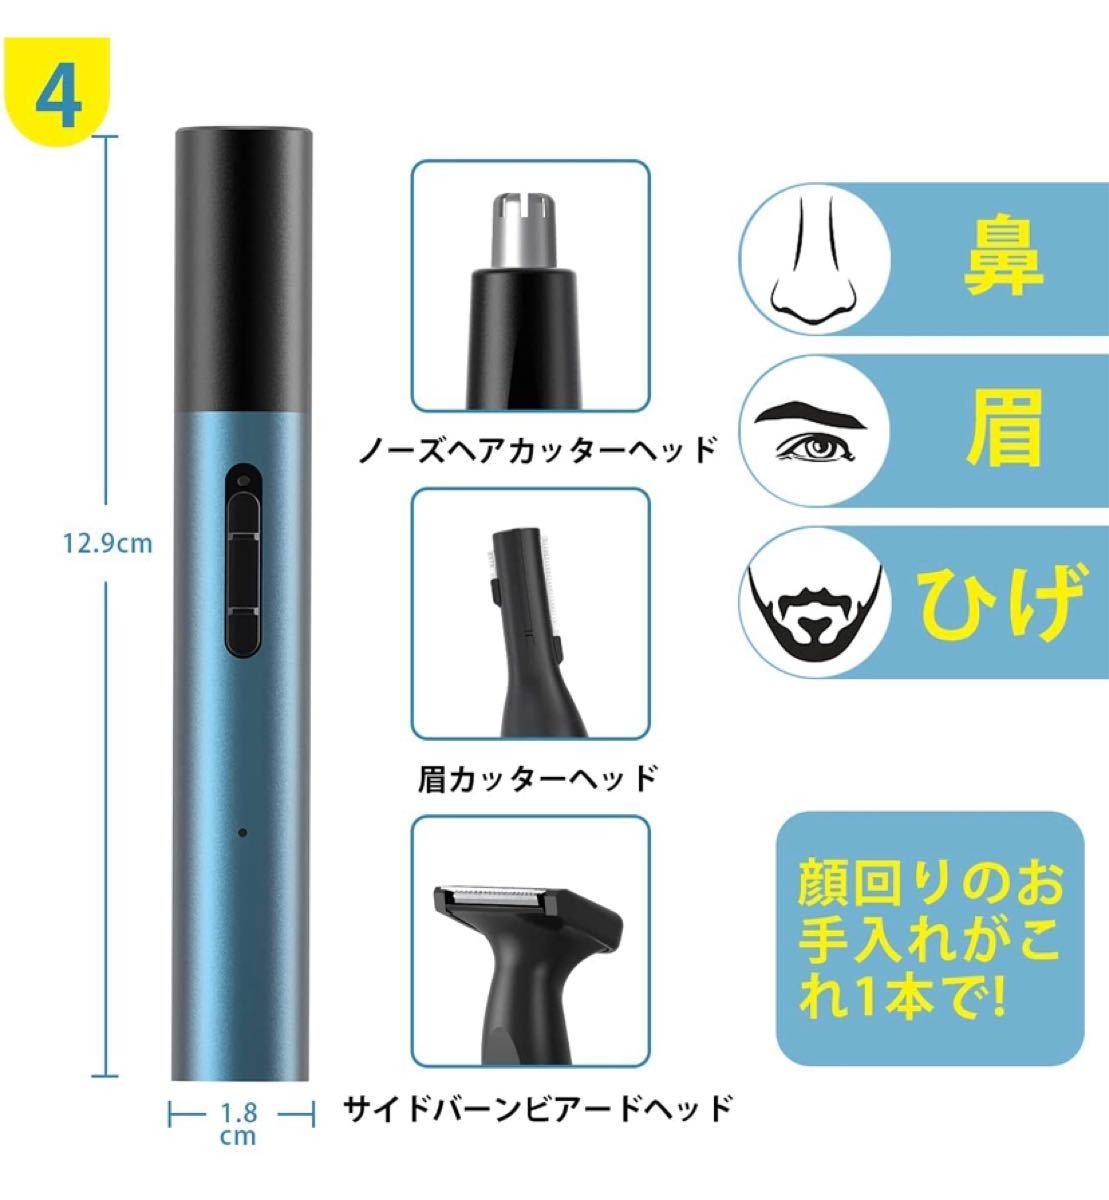 鼻毛カッター メンズ 低騒音 エチケットカッター USB充電式 新品・未使用